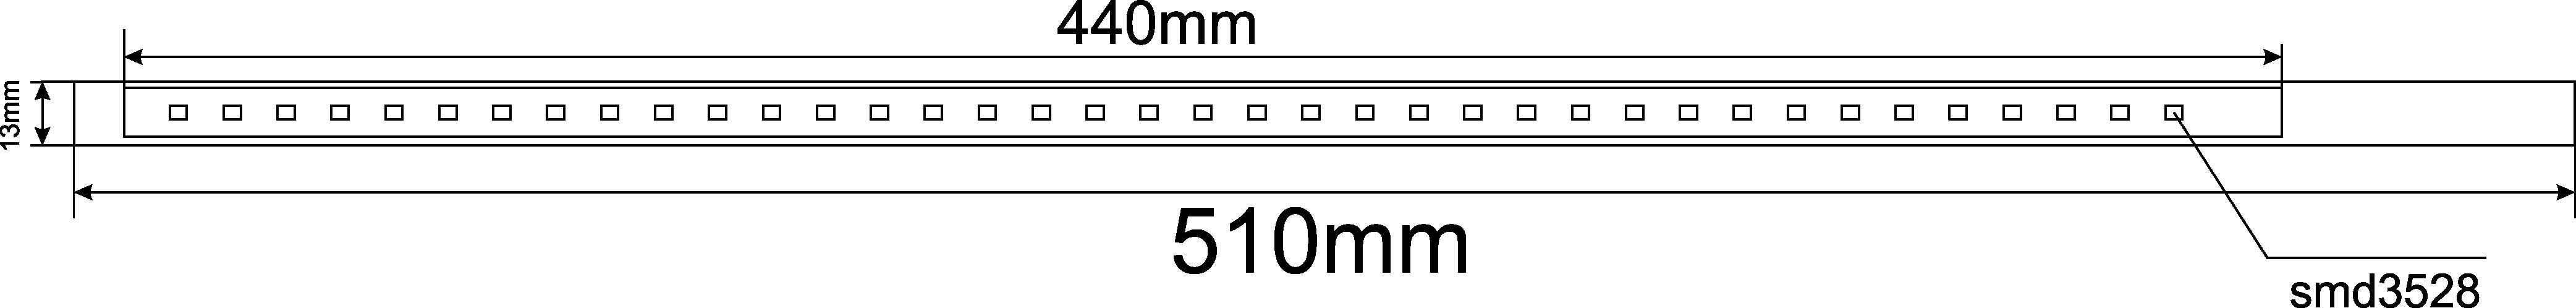 Led метеоритный дождь схема